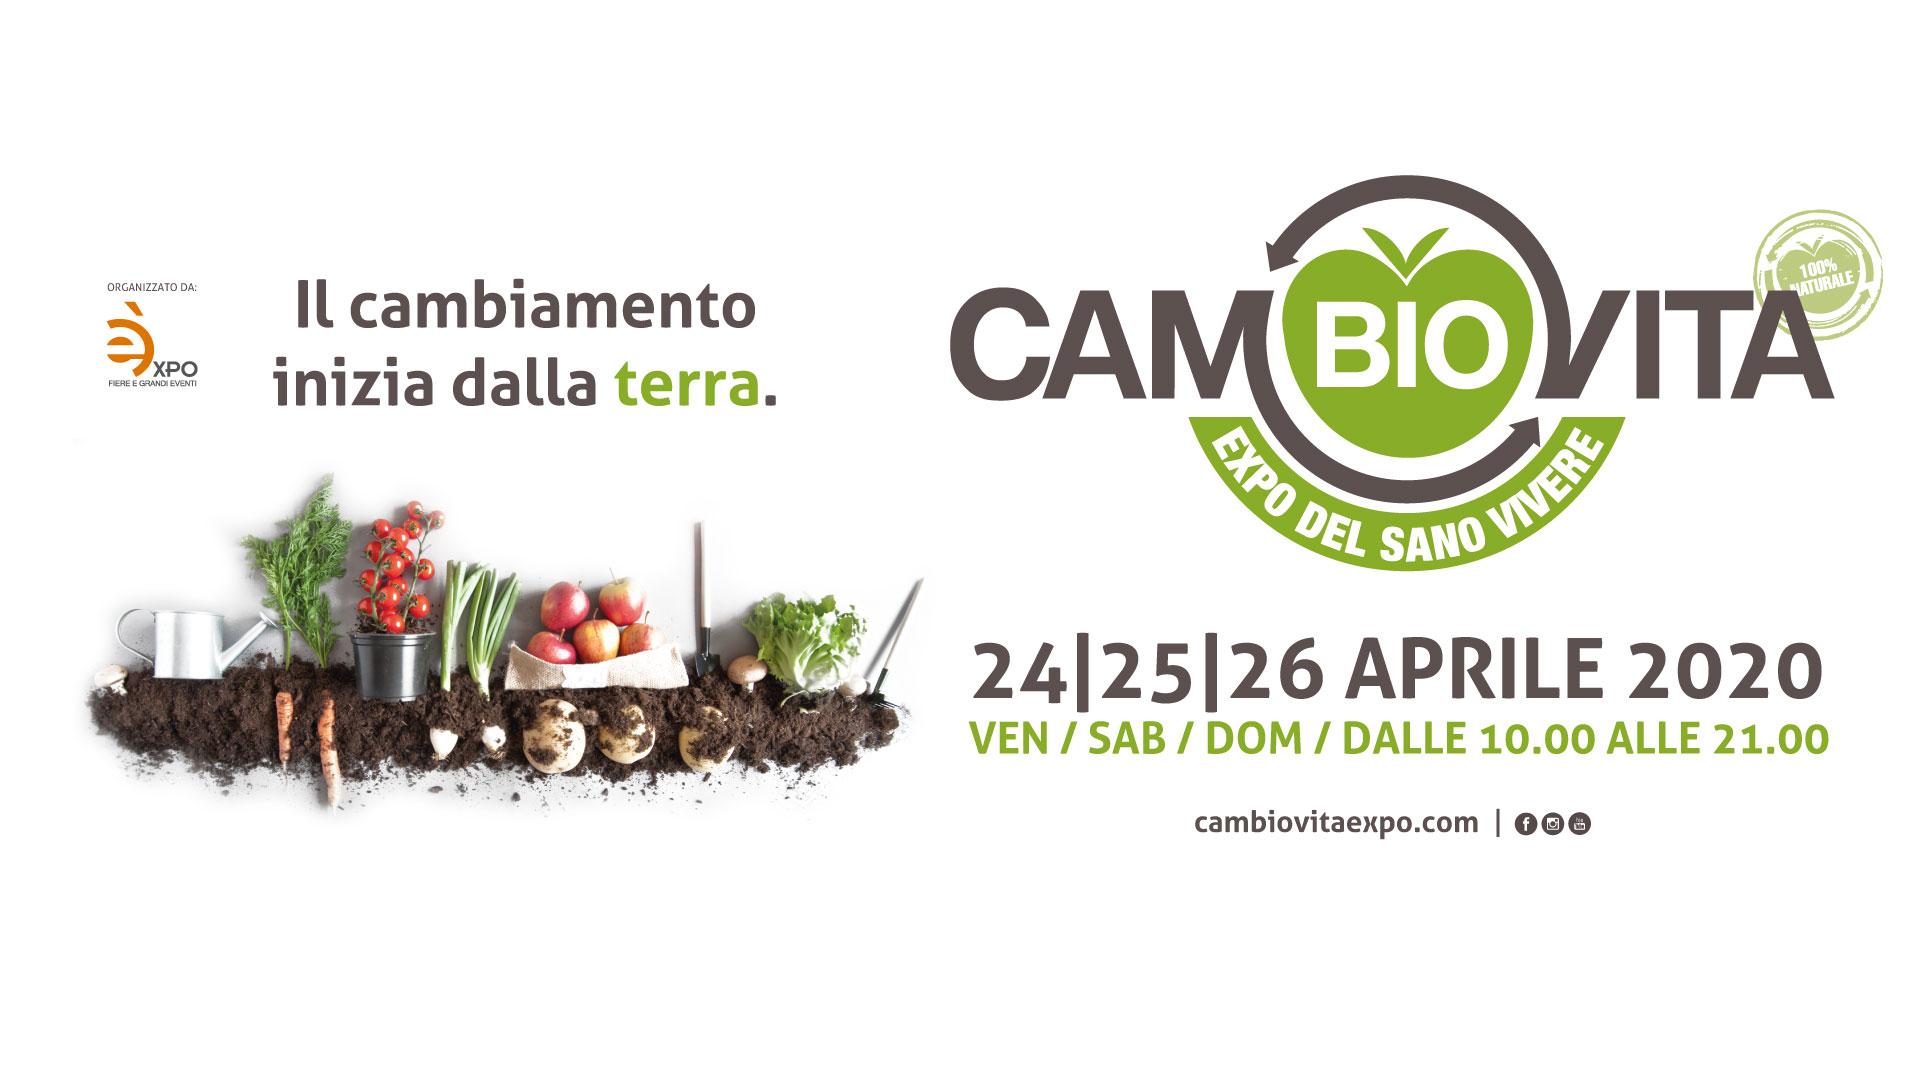 CamBIO Vita 2020 - Expo del sano vivere - 24, 25, 26 aprile 2020 Catania